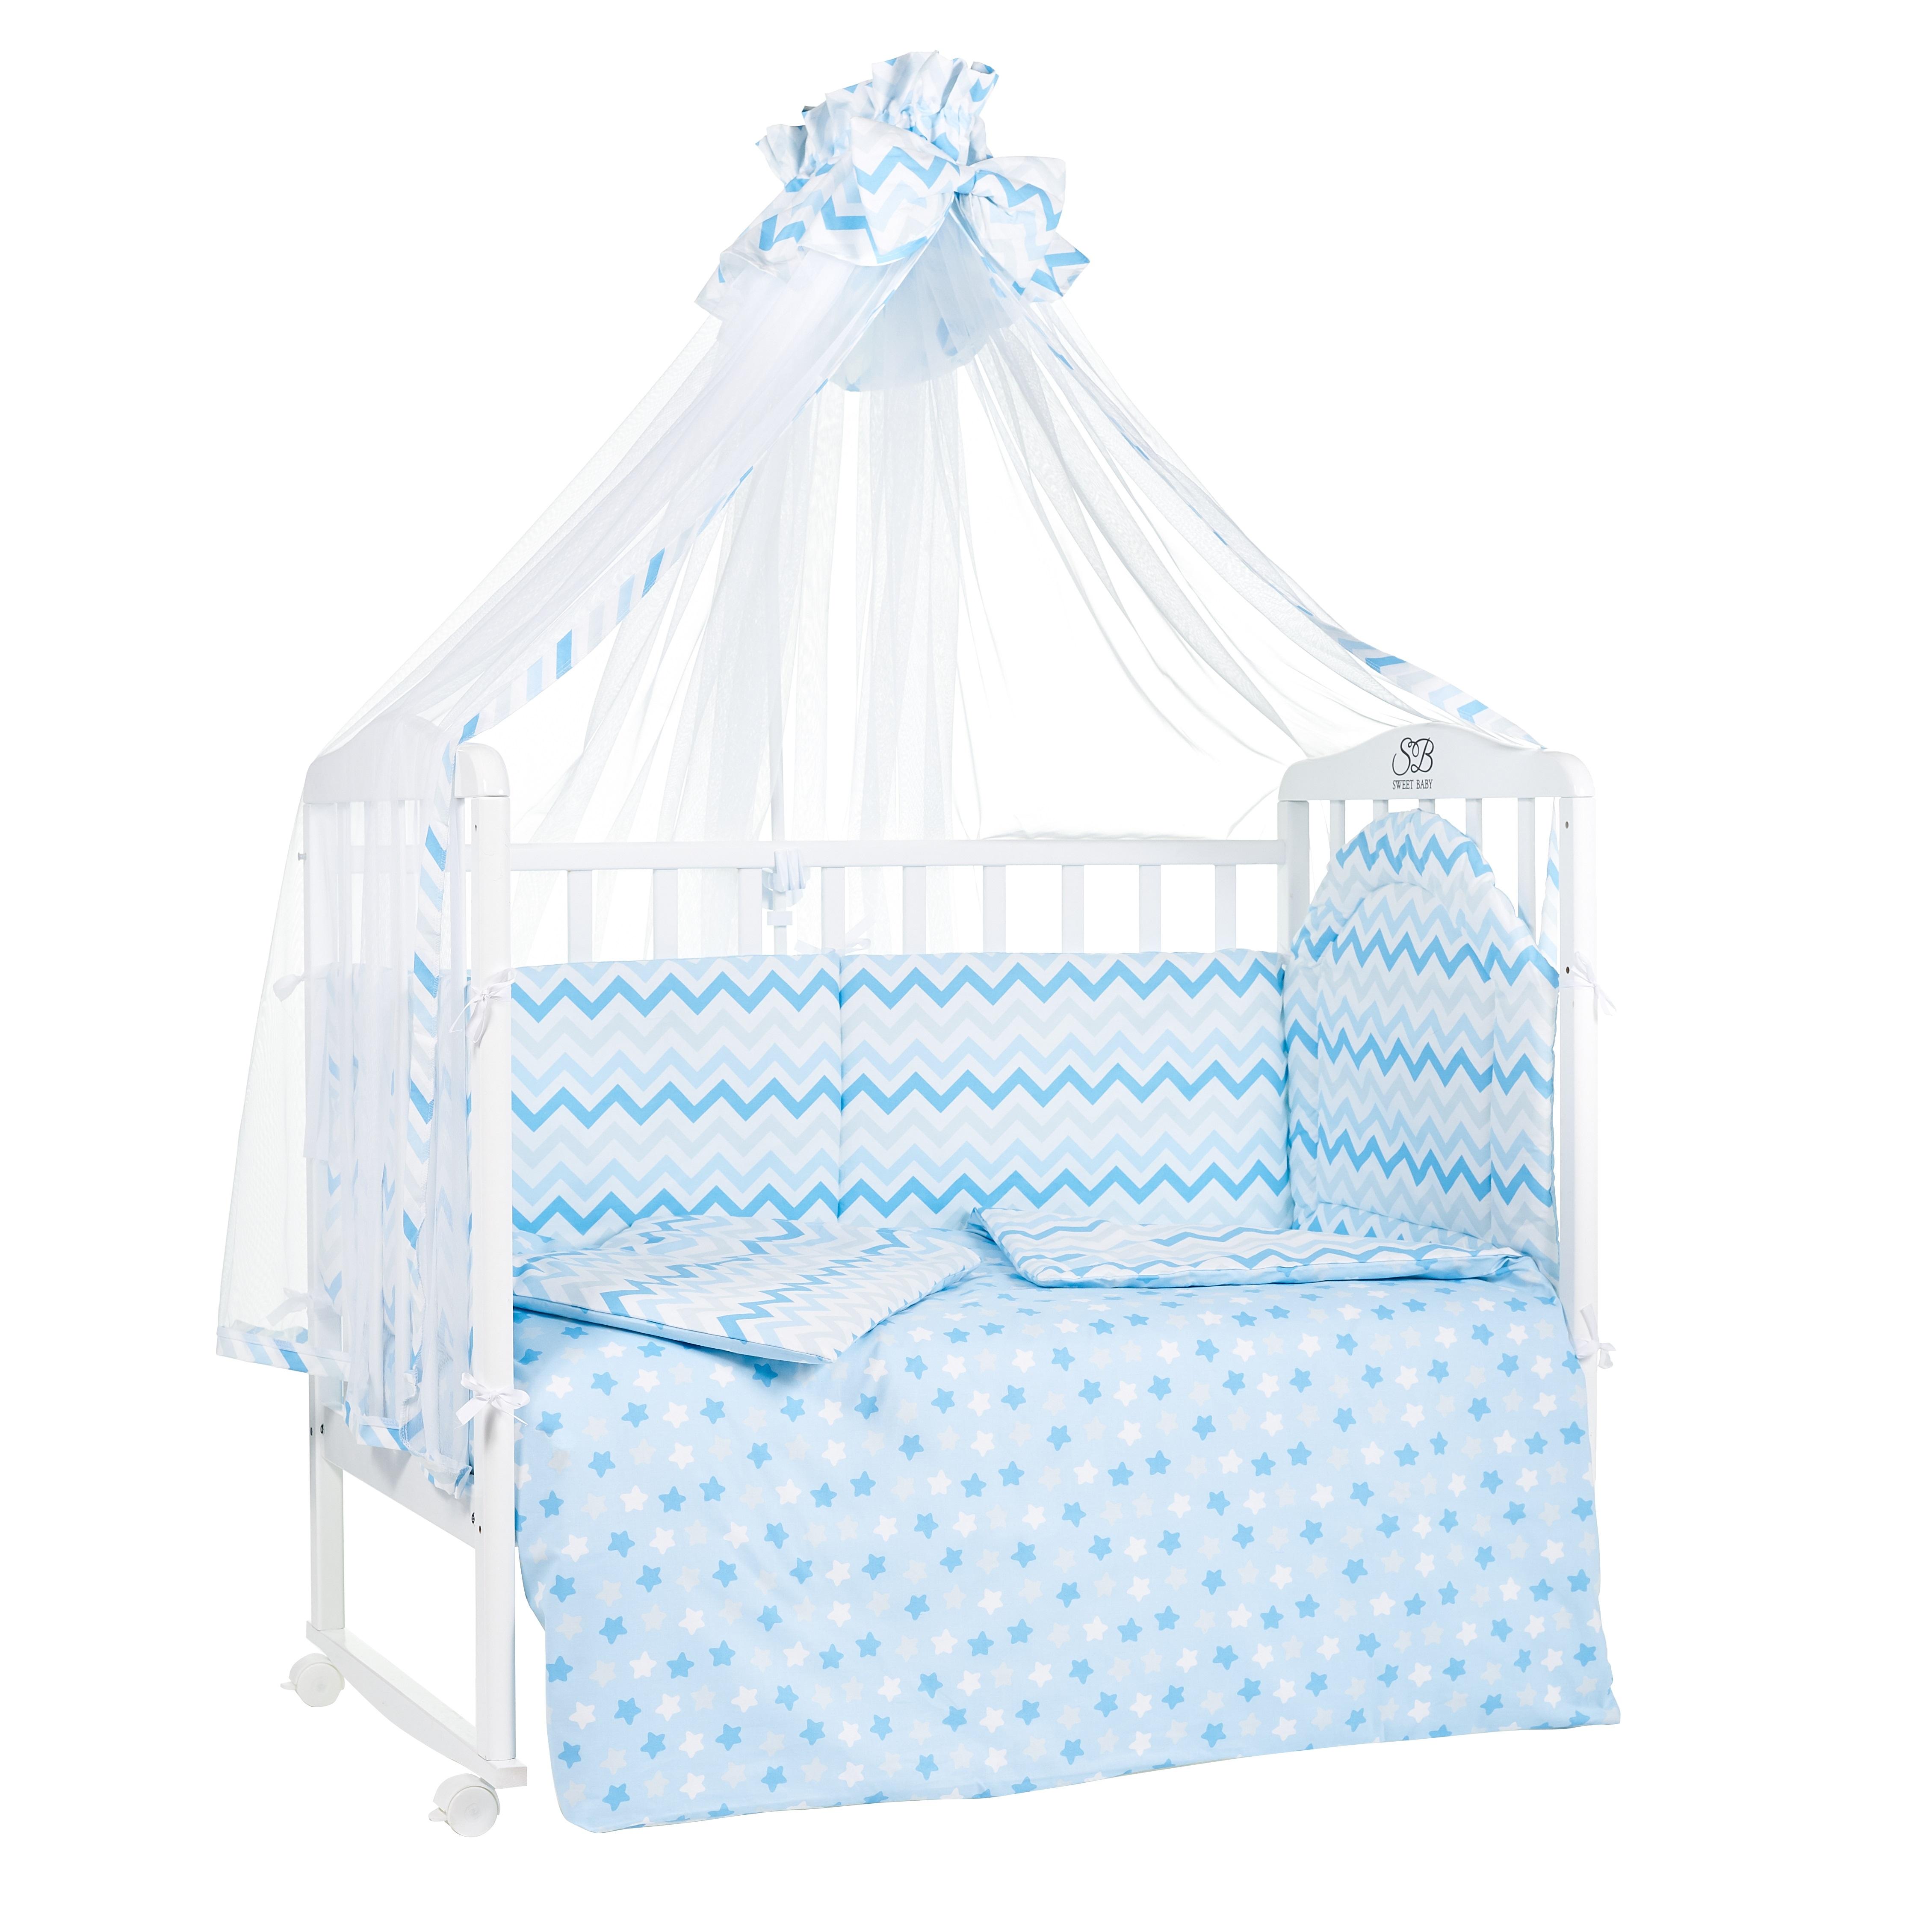 Постельные принадлежности Sweet Baby «Stelle Blu» 7 предметов голубой поплин комплект в кроватку sweet baby stelle rosa розовый 7 предметов поплин